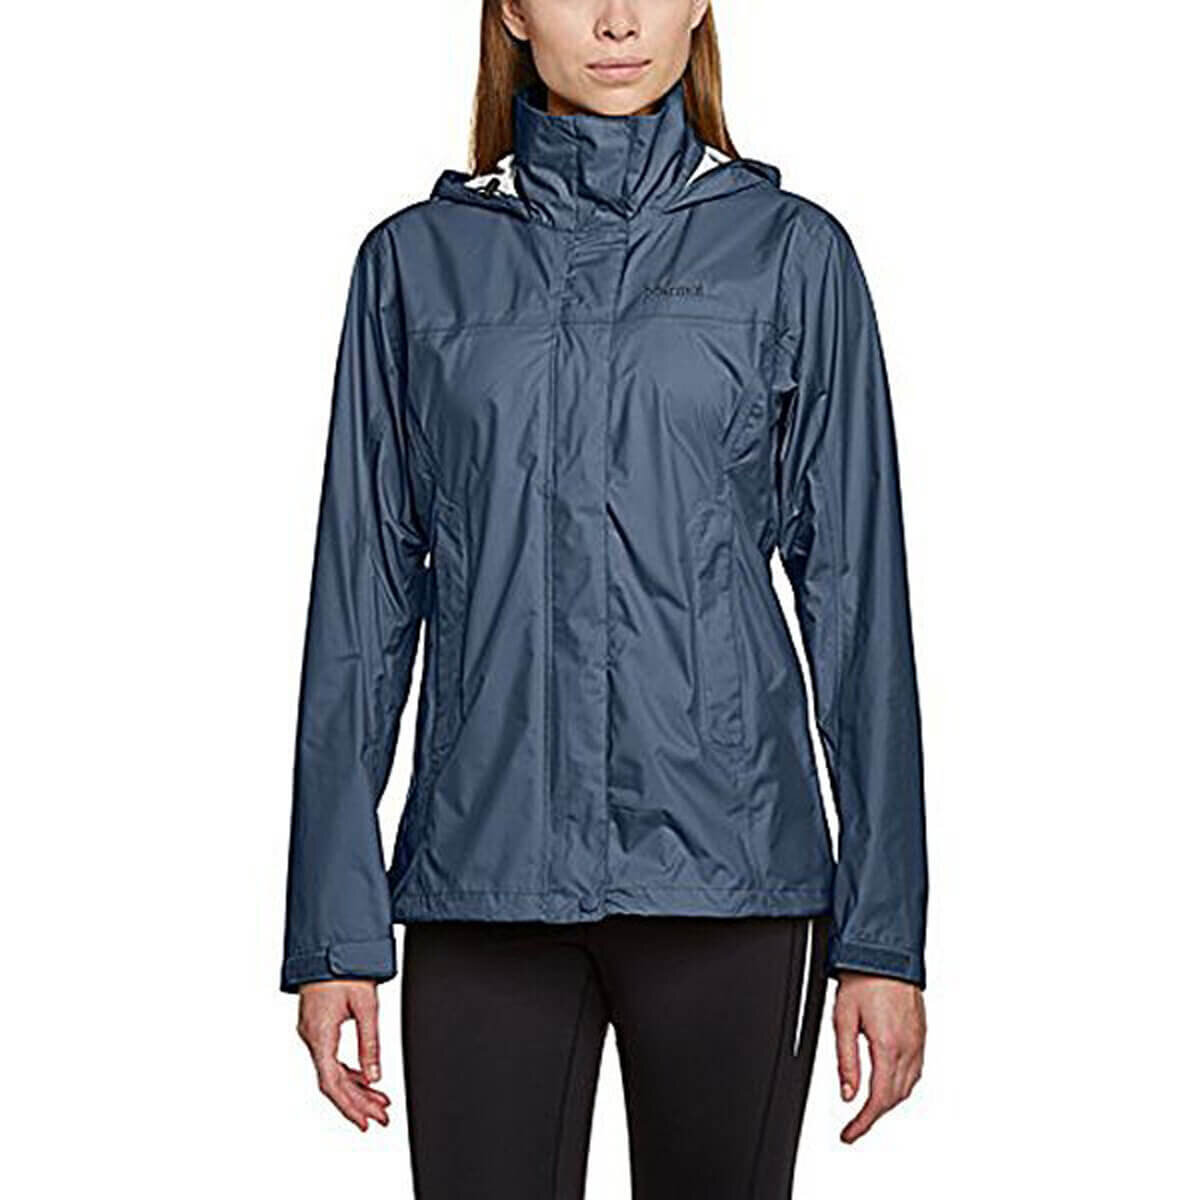 MARMOT Füme Kadın Yağmurluk MRT46200-1132